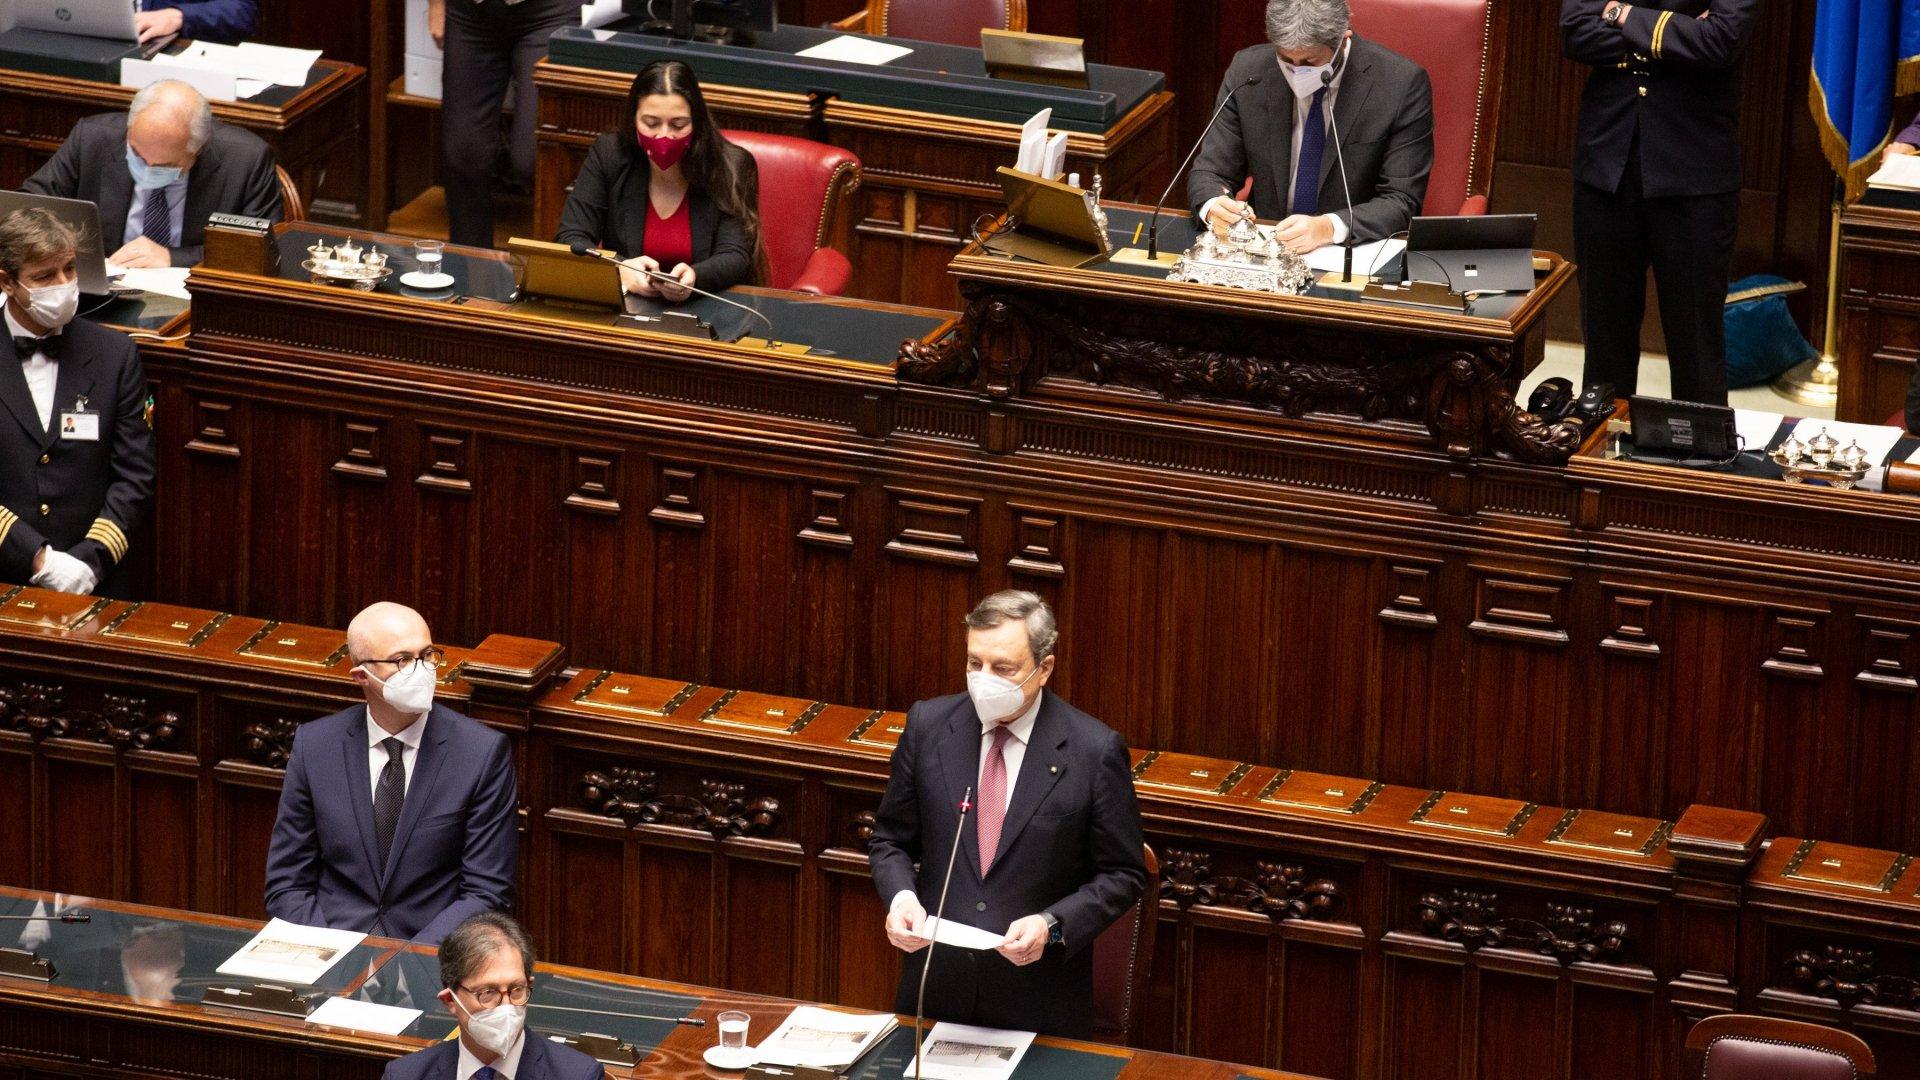 535 voti a favore, il governo Draghi incassa la fiducia alla Camera